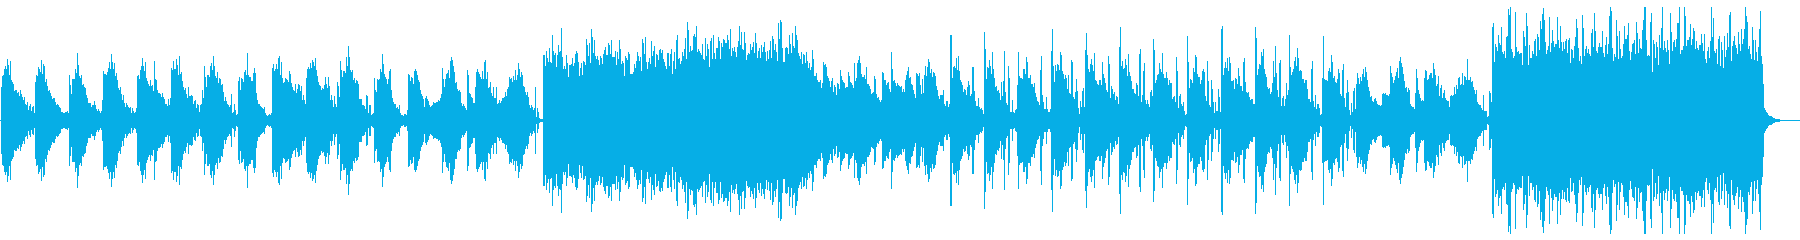 天体観測をイメージしたエレクトロニカの再生済みの波形